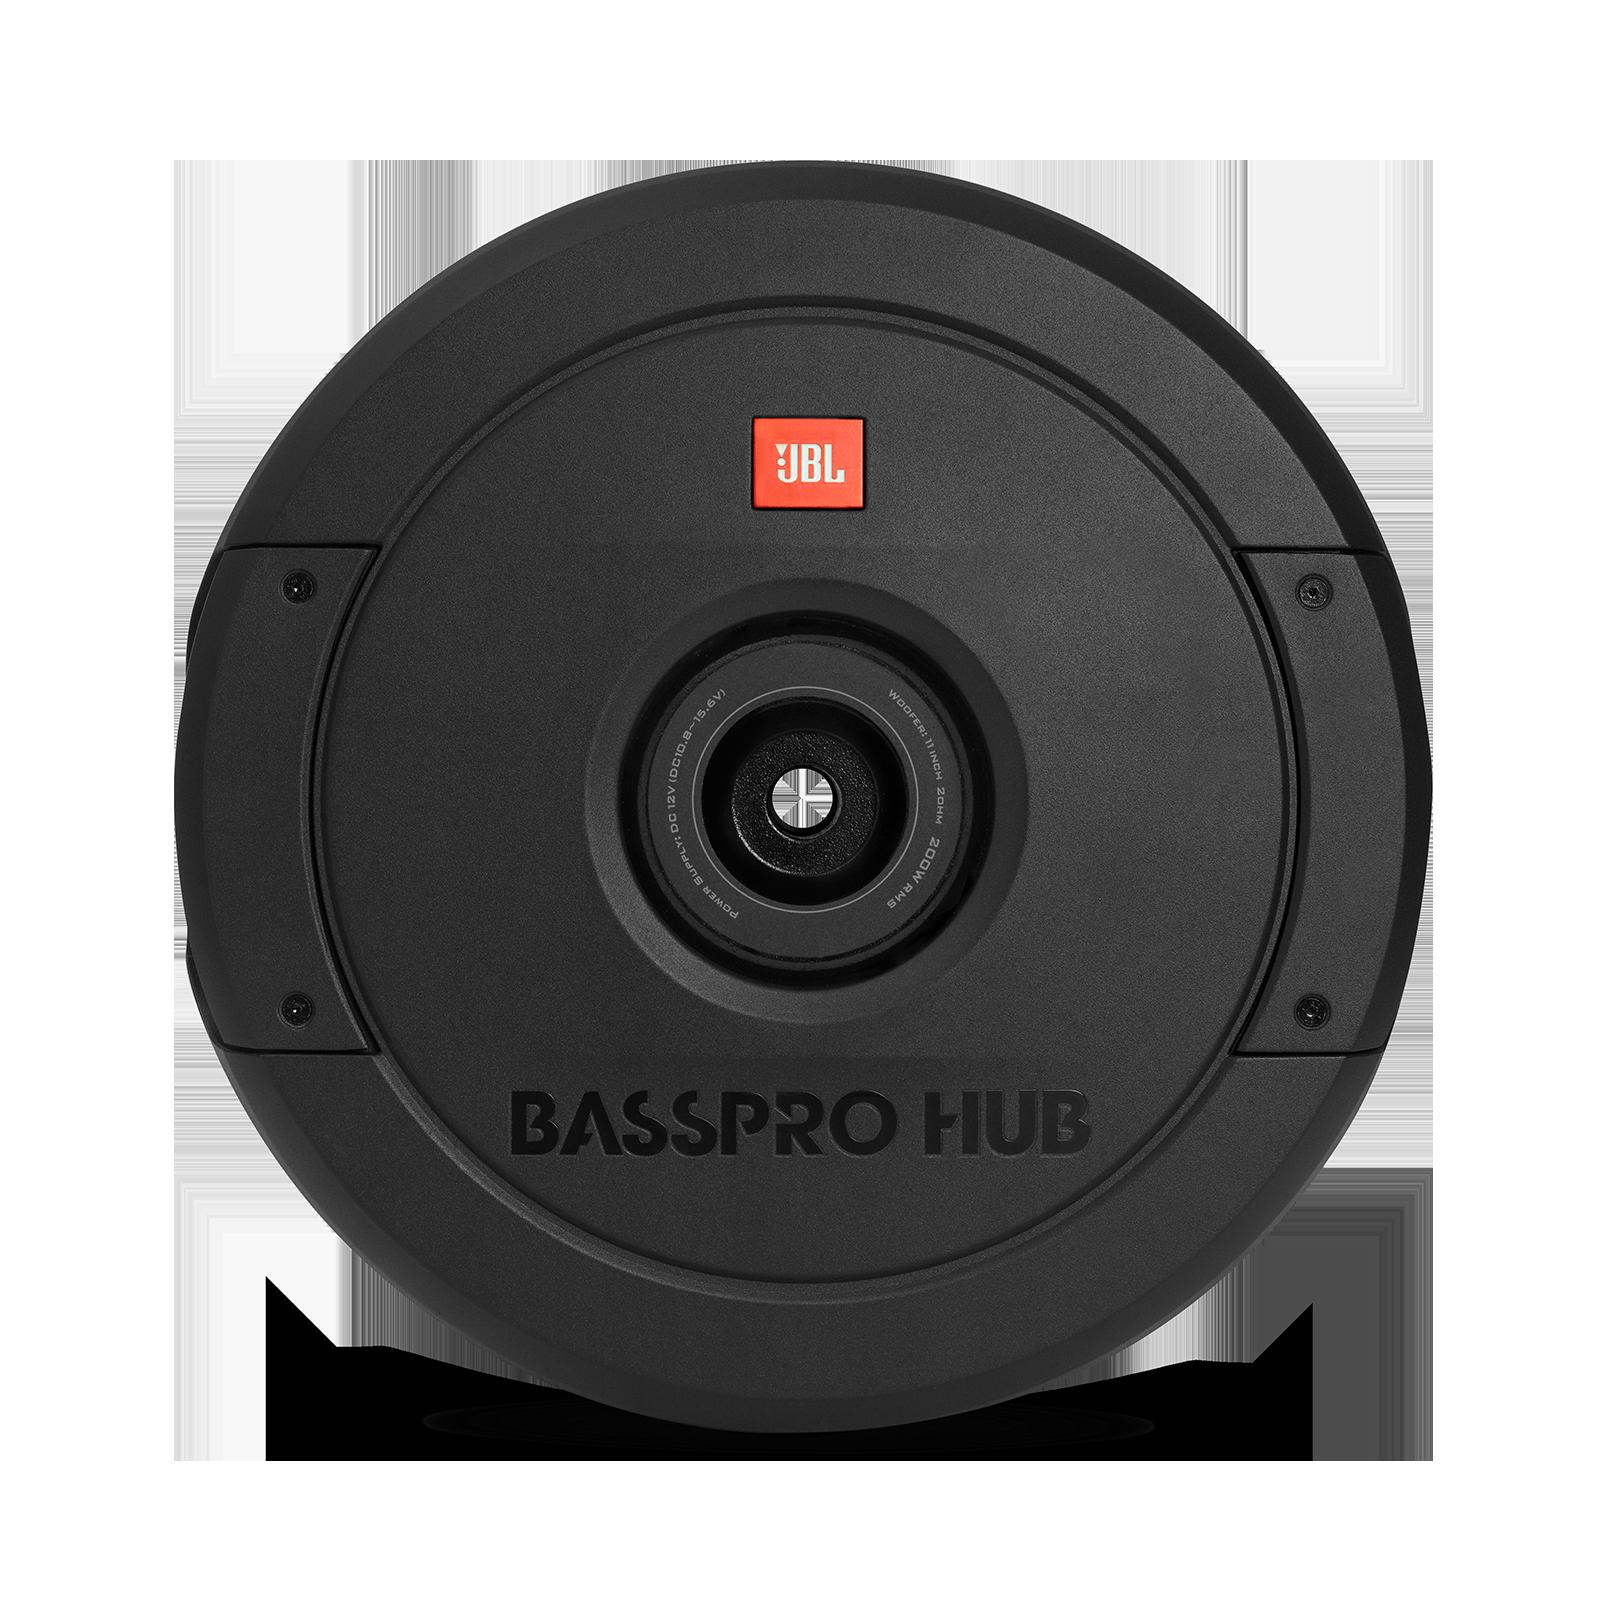 JBL BassPro Hub